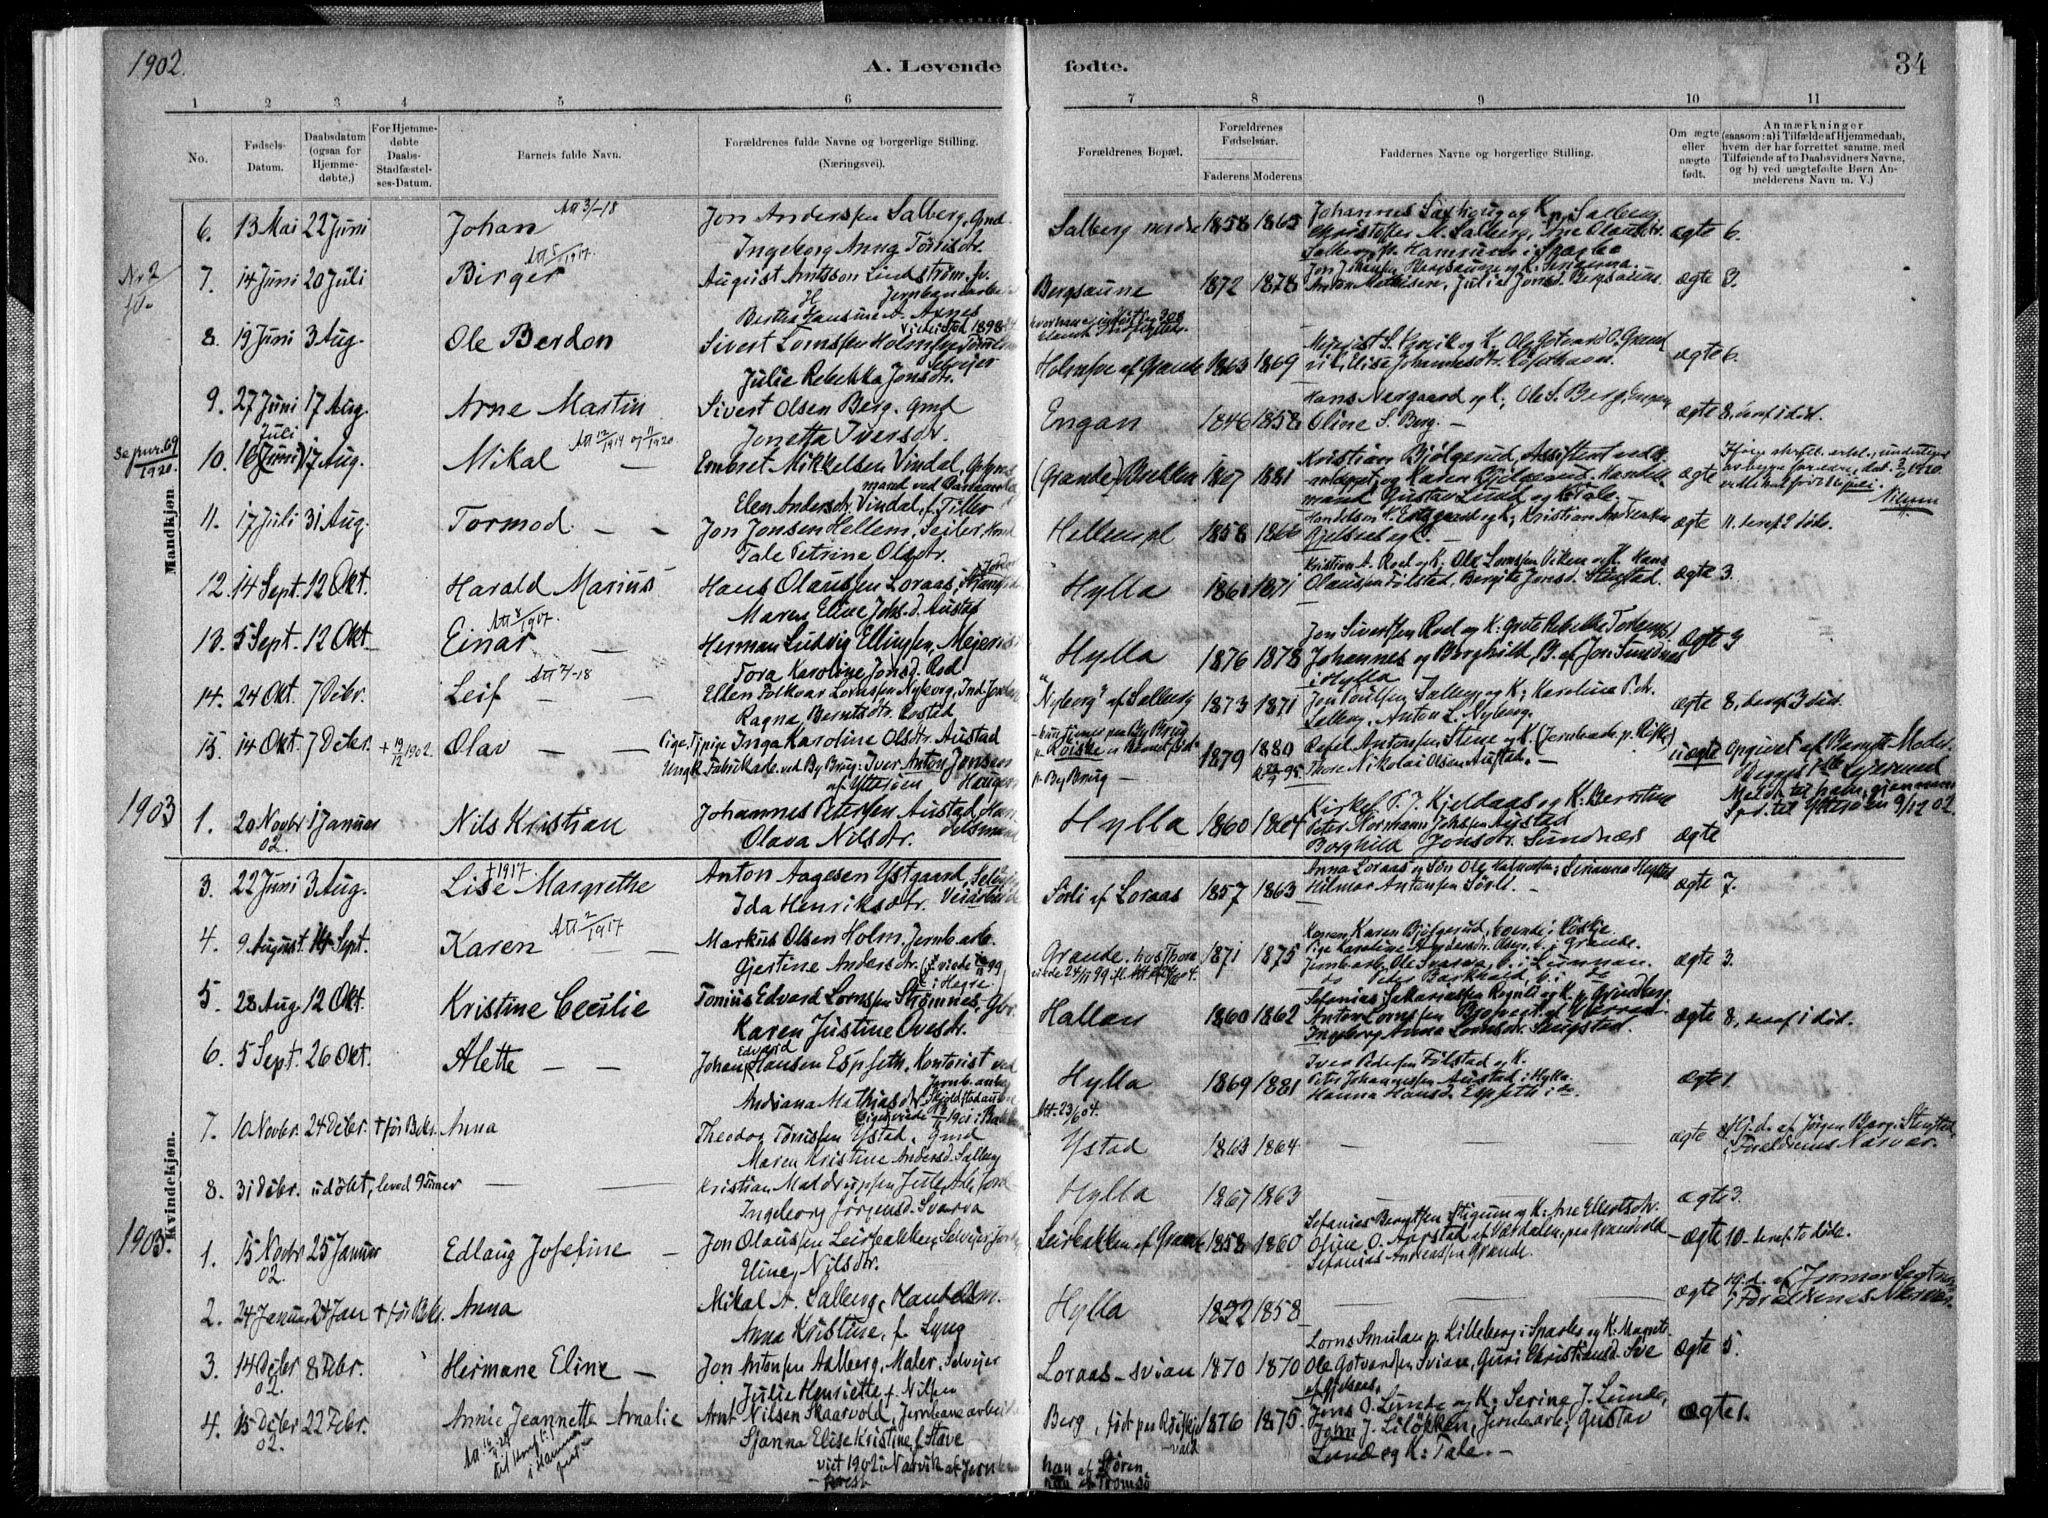 SAT, Ministerialprotokoller, klokkerbøker og fødselsregistre - Nord-Trøndelag, 731/L0309: Ministerialbok nr. 731A01, 1879-1918, s. 34